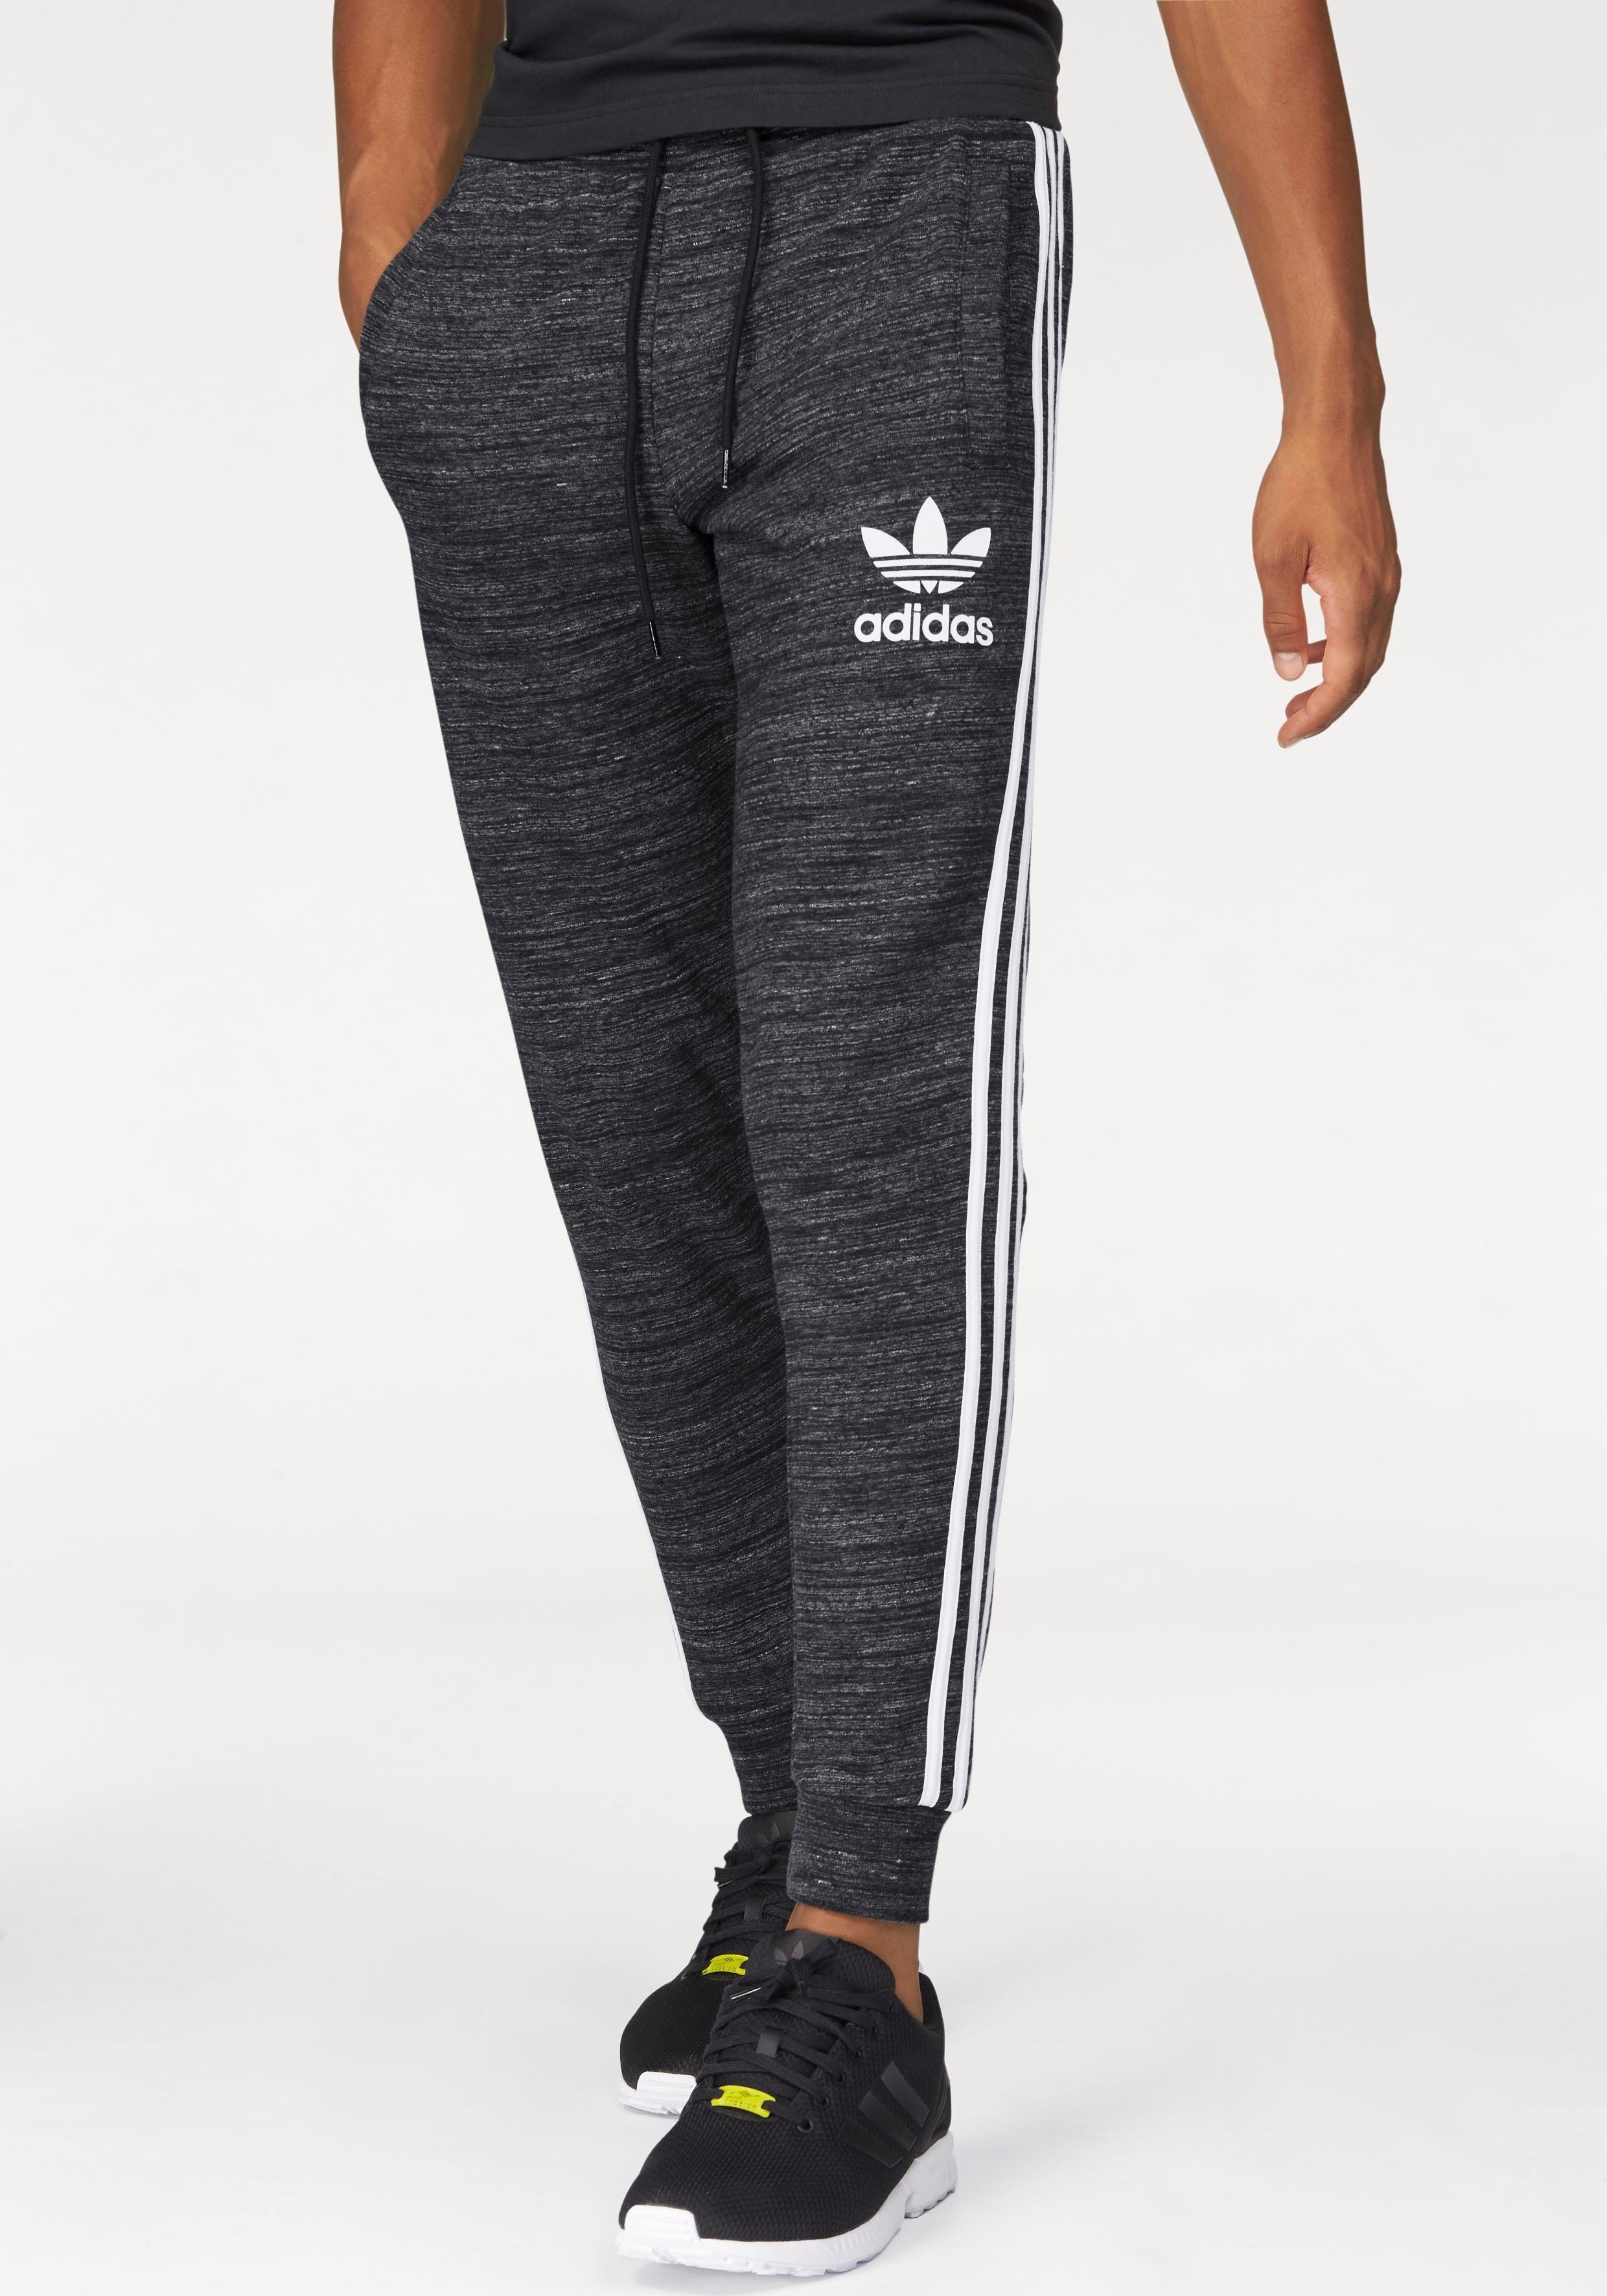 adidas Originals joggingbroek »CLFN FT PANTS« voordelig en veilig online kopen